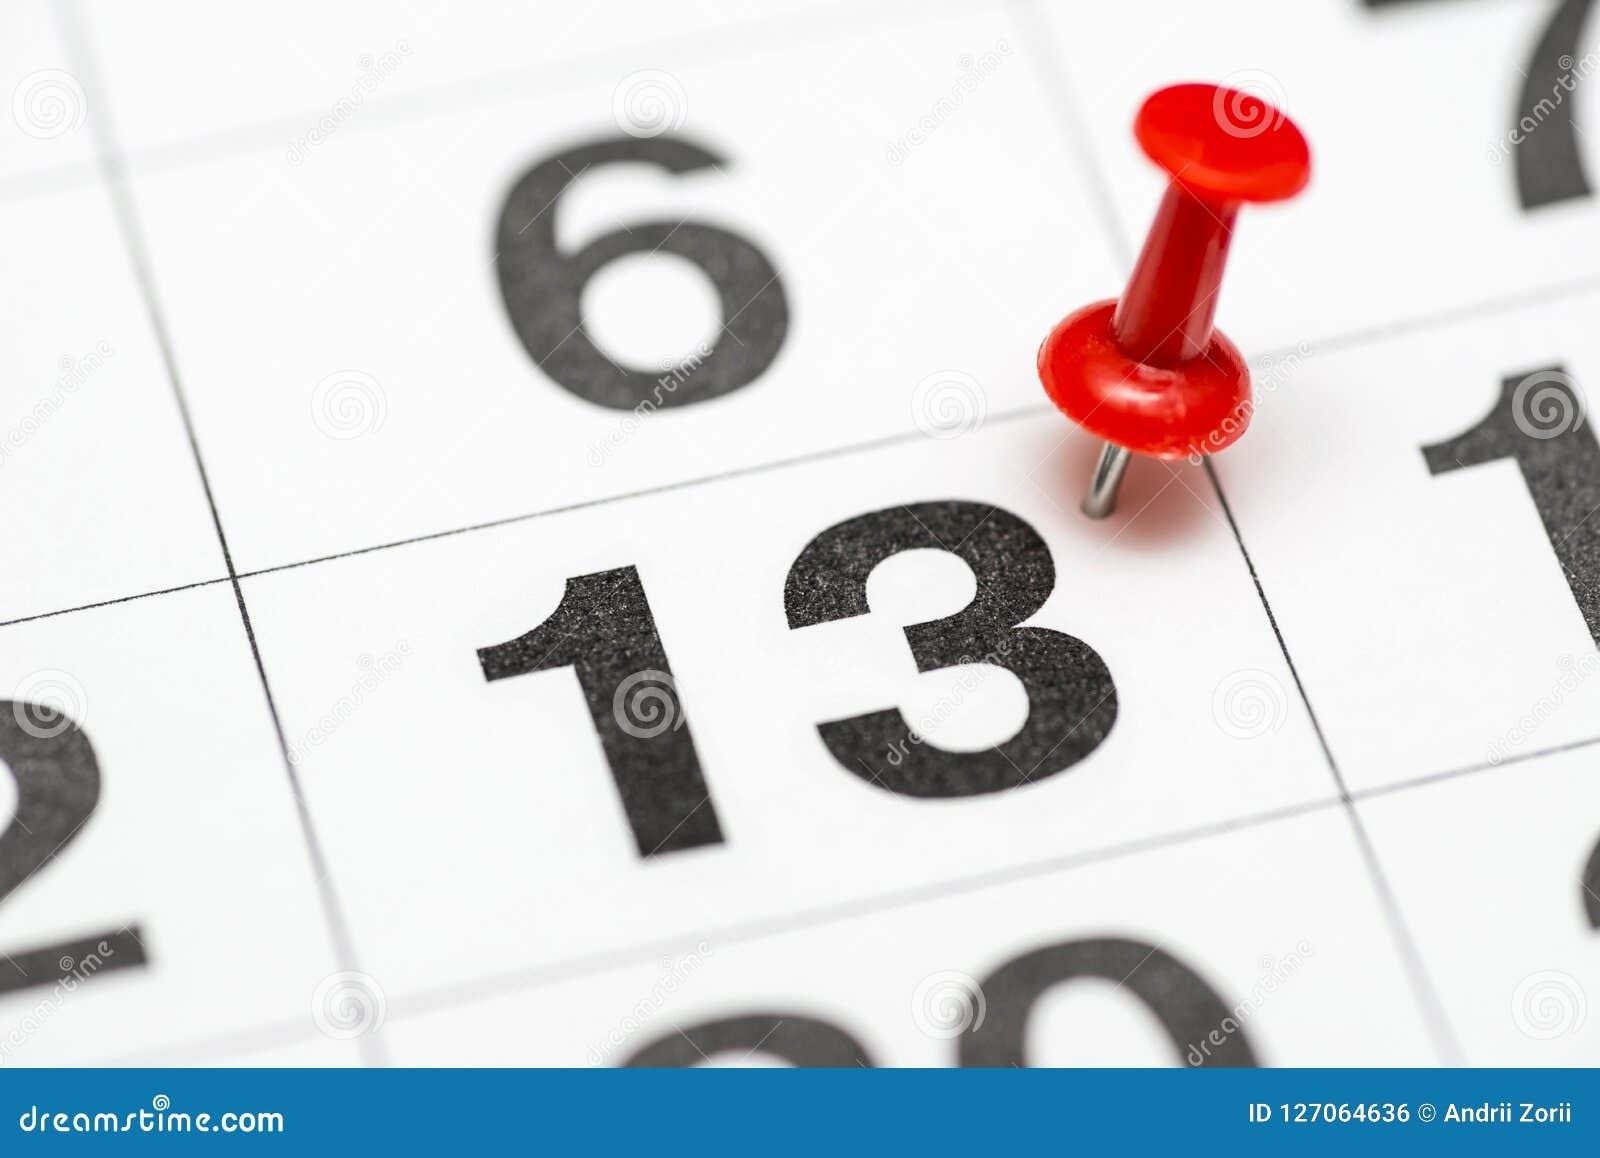 Calendario Con Numero Giorni.Pin A Numero Data 13 Il Giorno Tredici Del Mese E Segnato